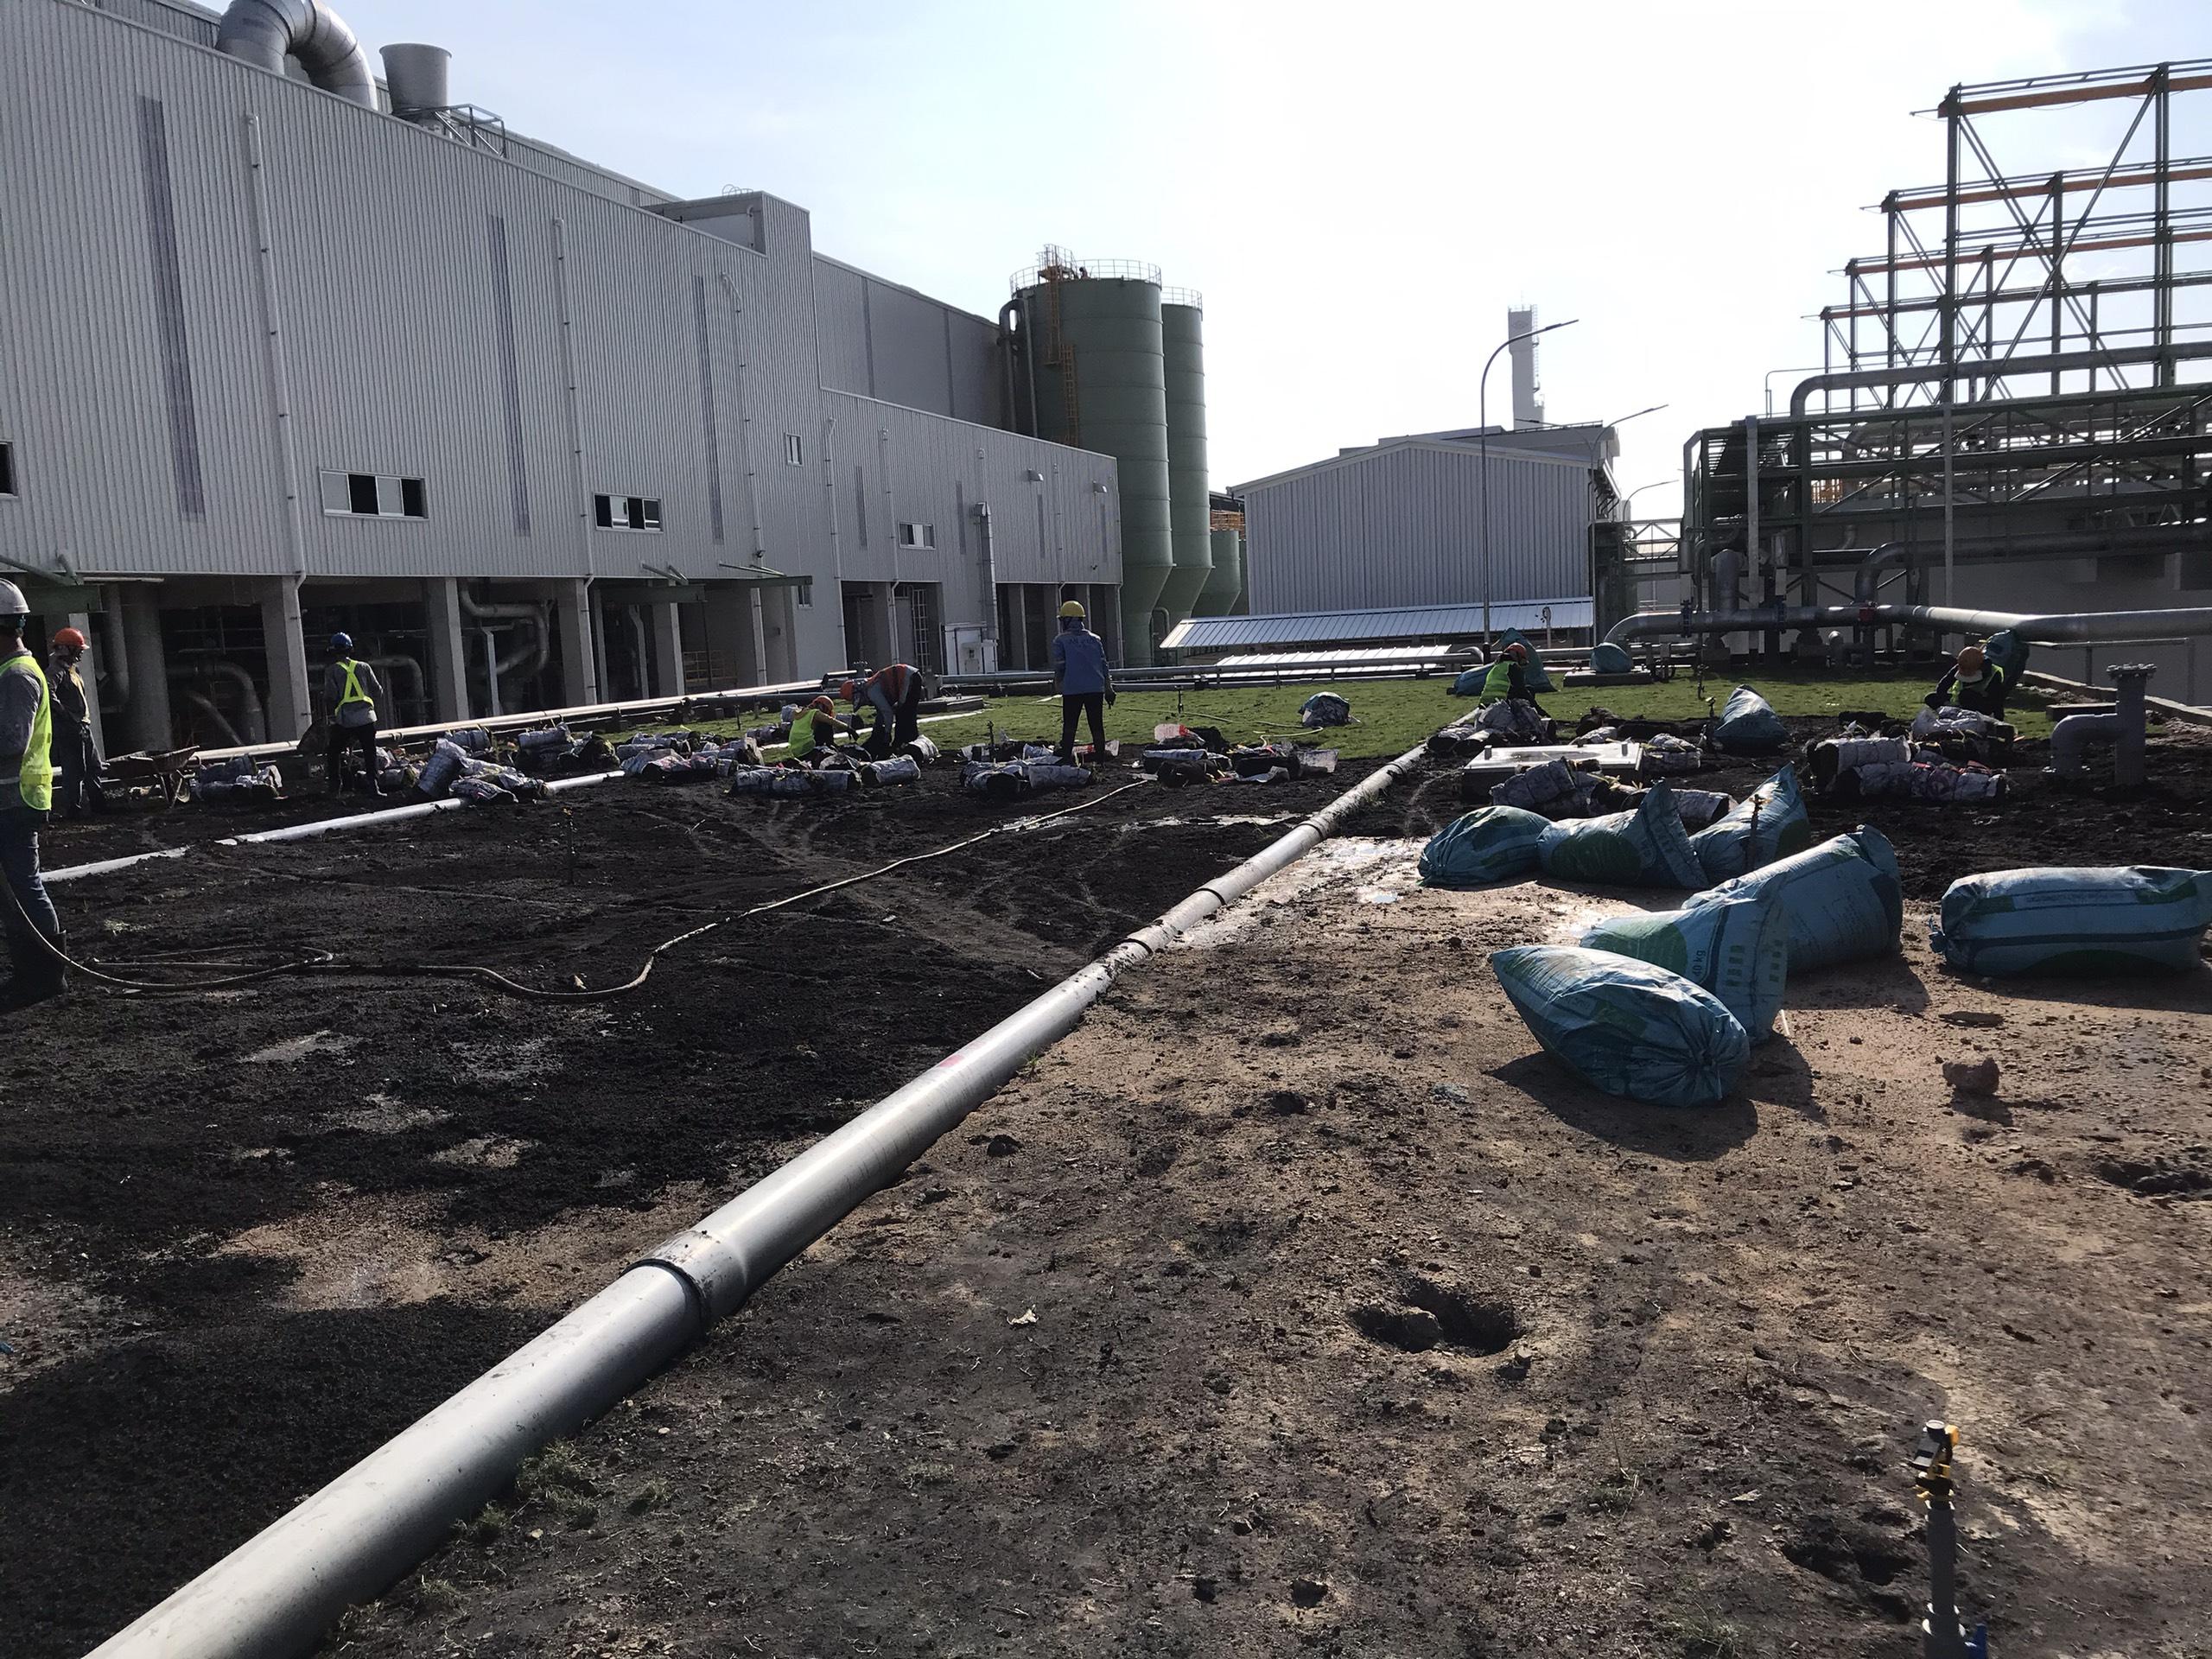 Thực hiện dịch vụ trồng cỏ xanh tại An Khang